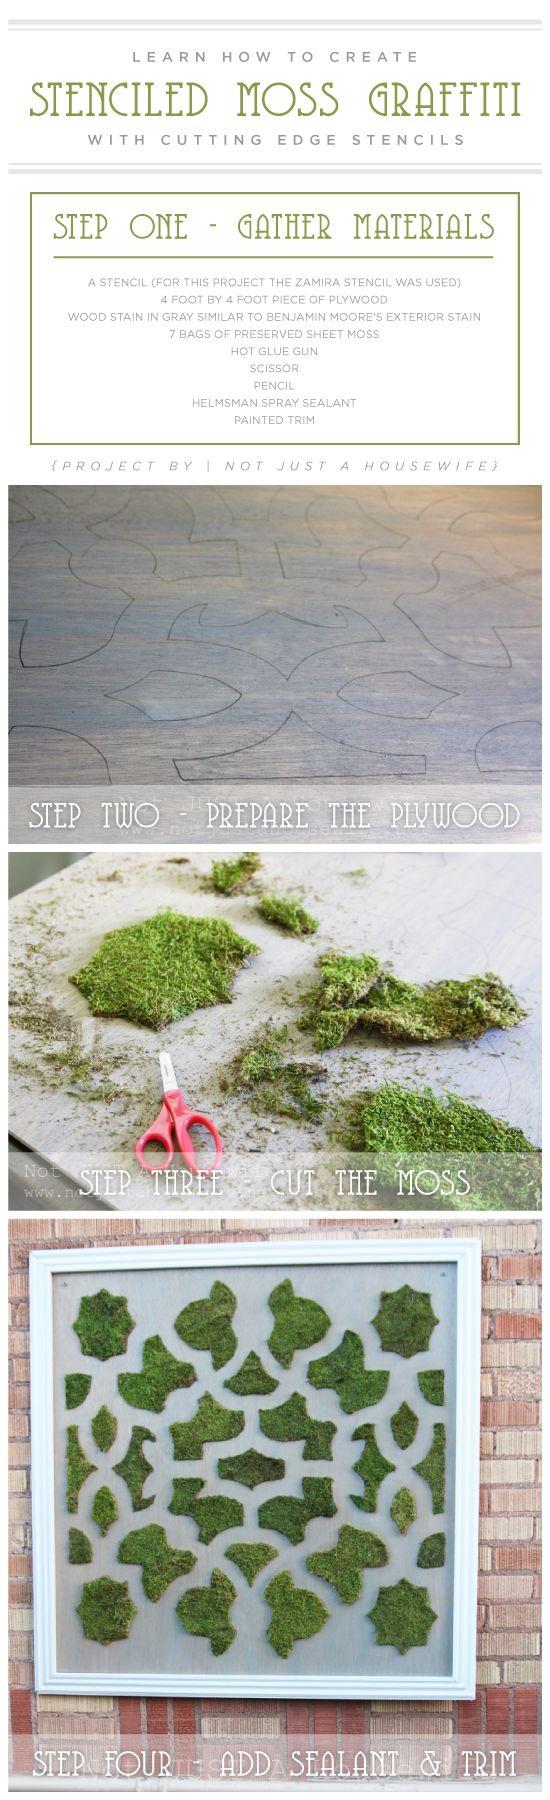 DIY stenciled moss graffiti using the Zamira Allover Stencil. http://www.cuttingedgestencils.com/moroccan-stencil-designs.html